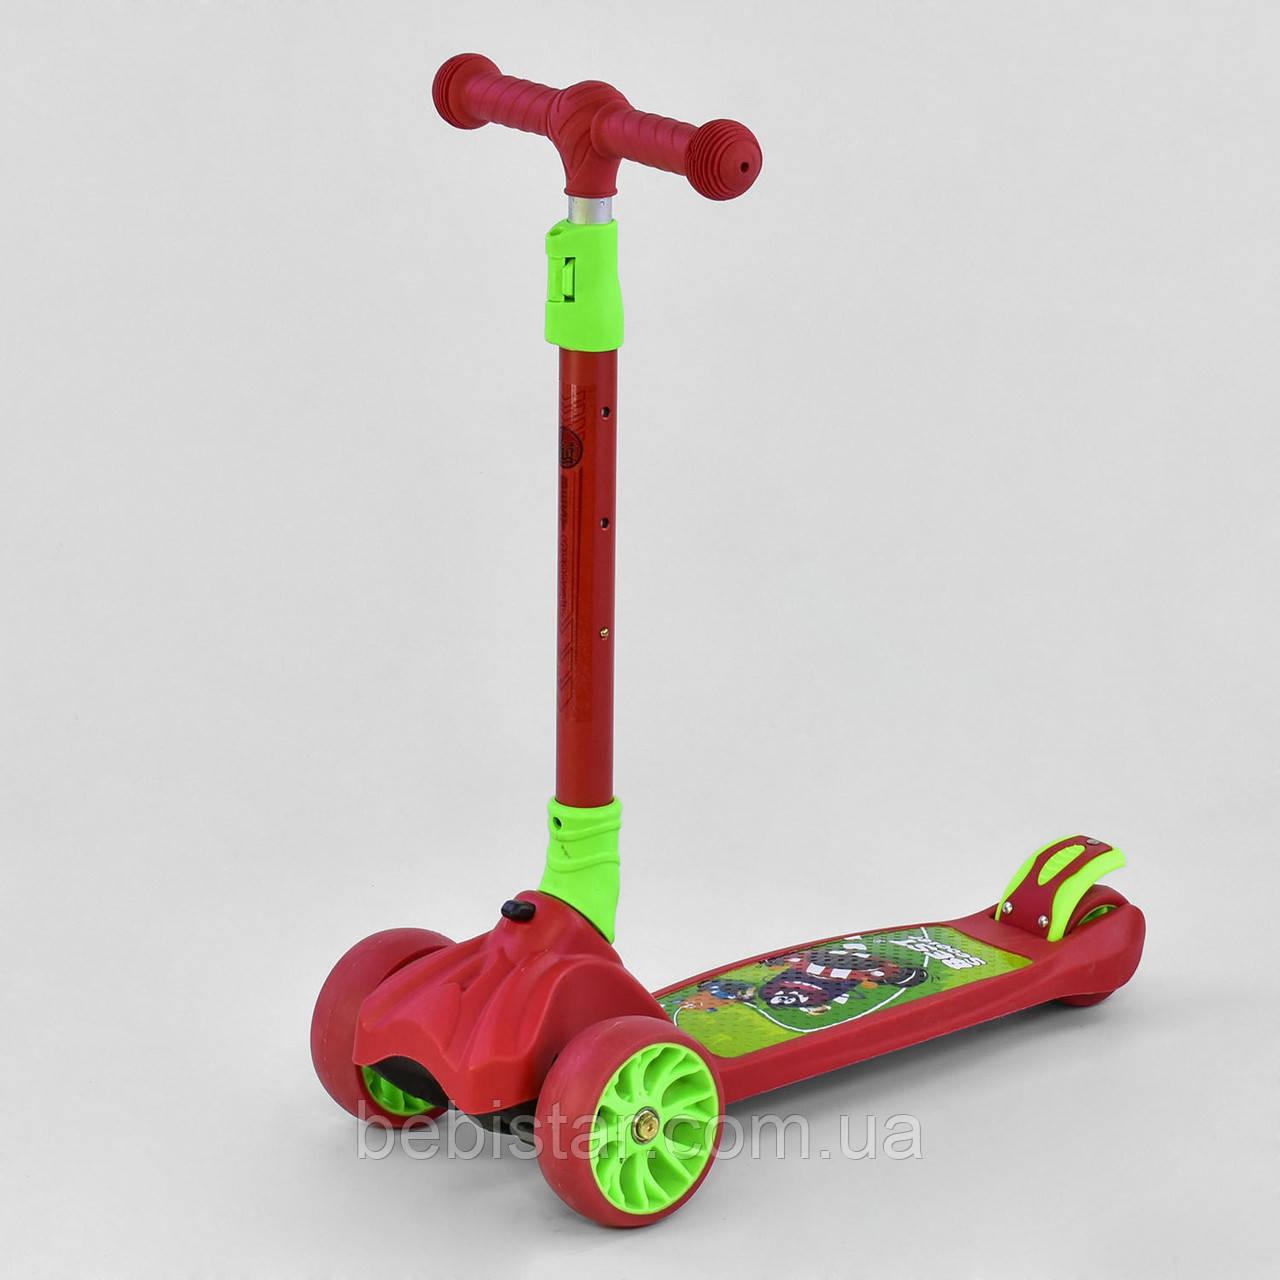 Самокат трехколесный детский красный Best Scooter светящиеся колеса складной руль от 3 лет